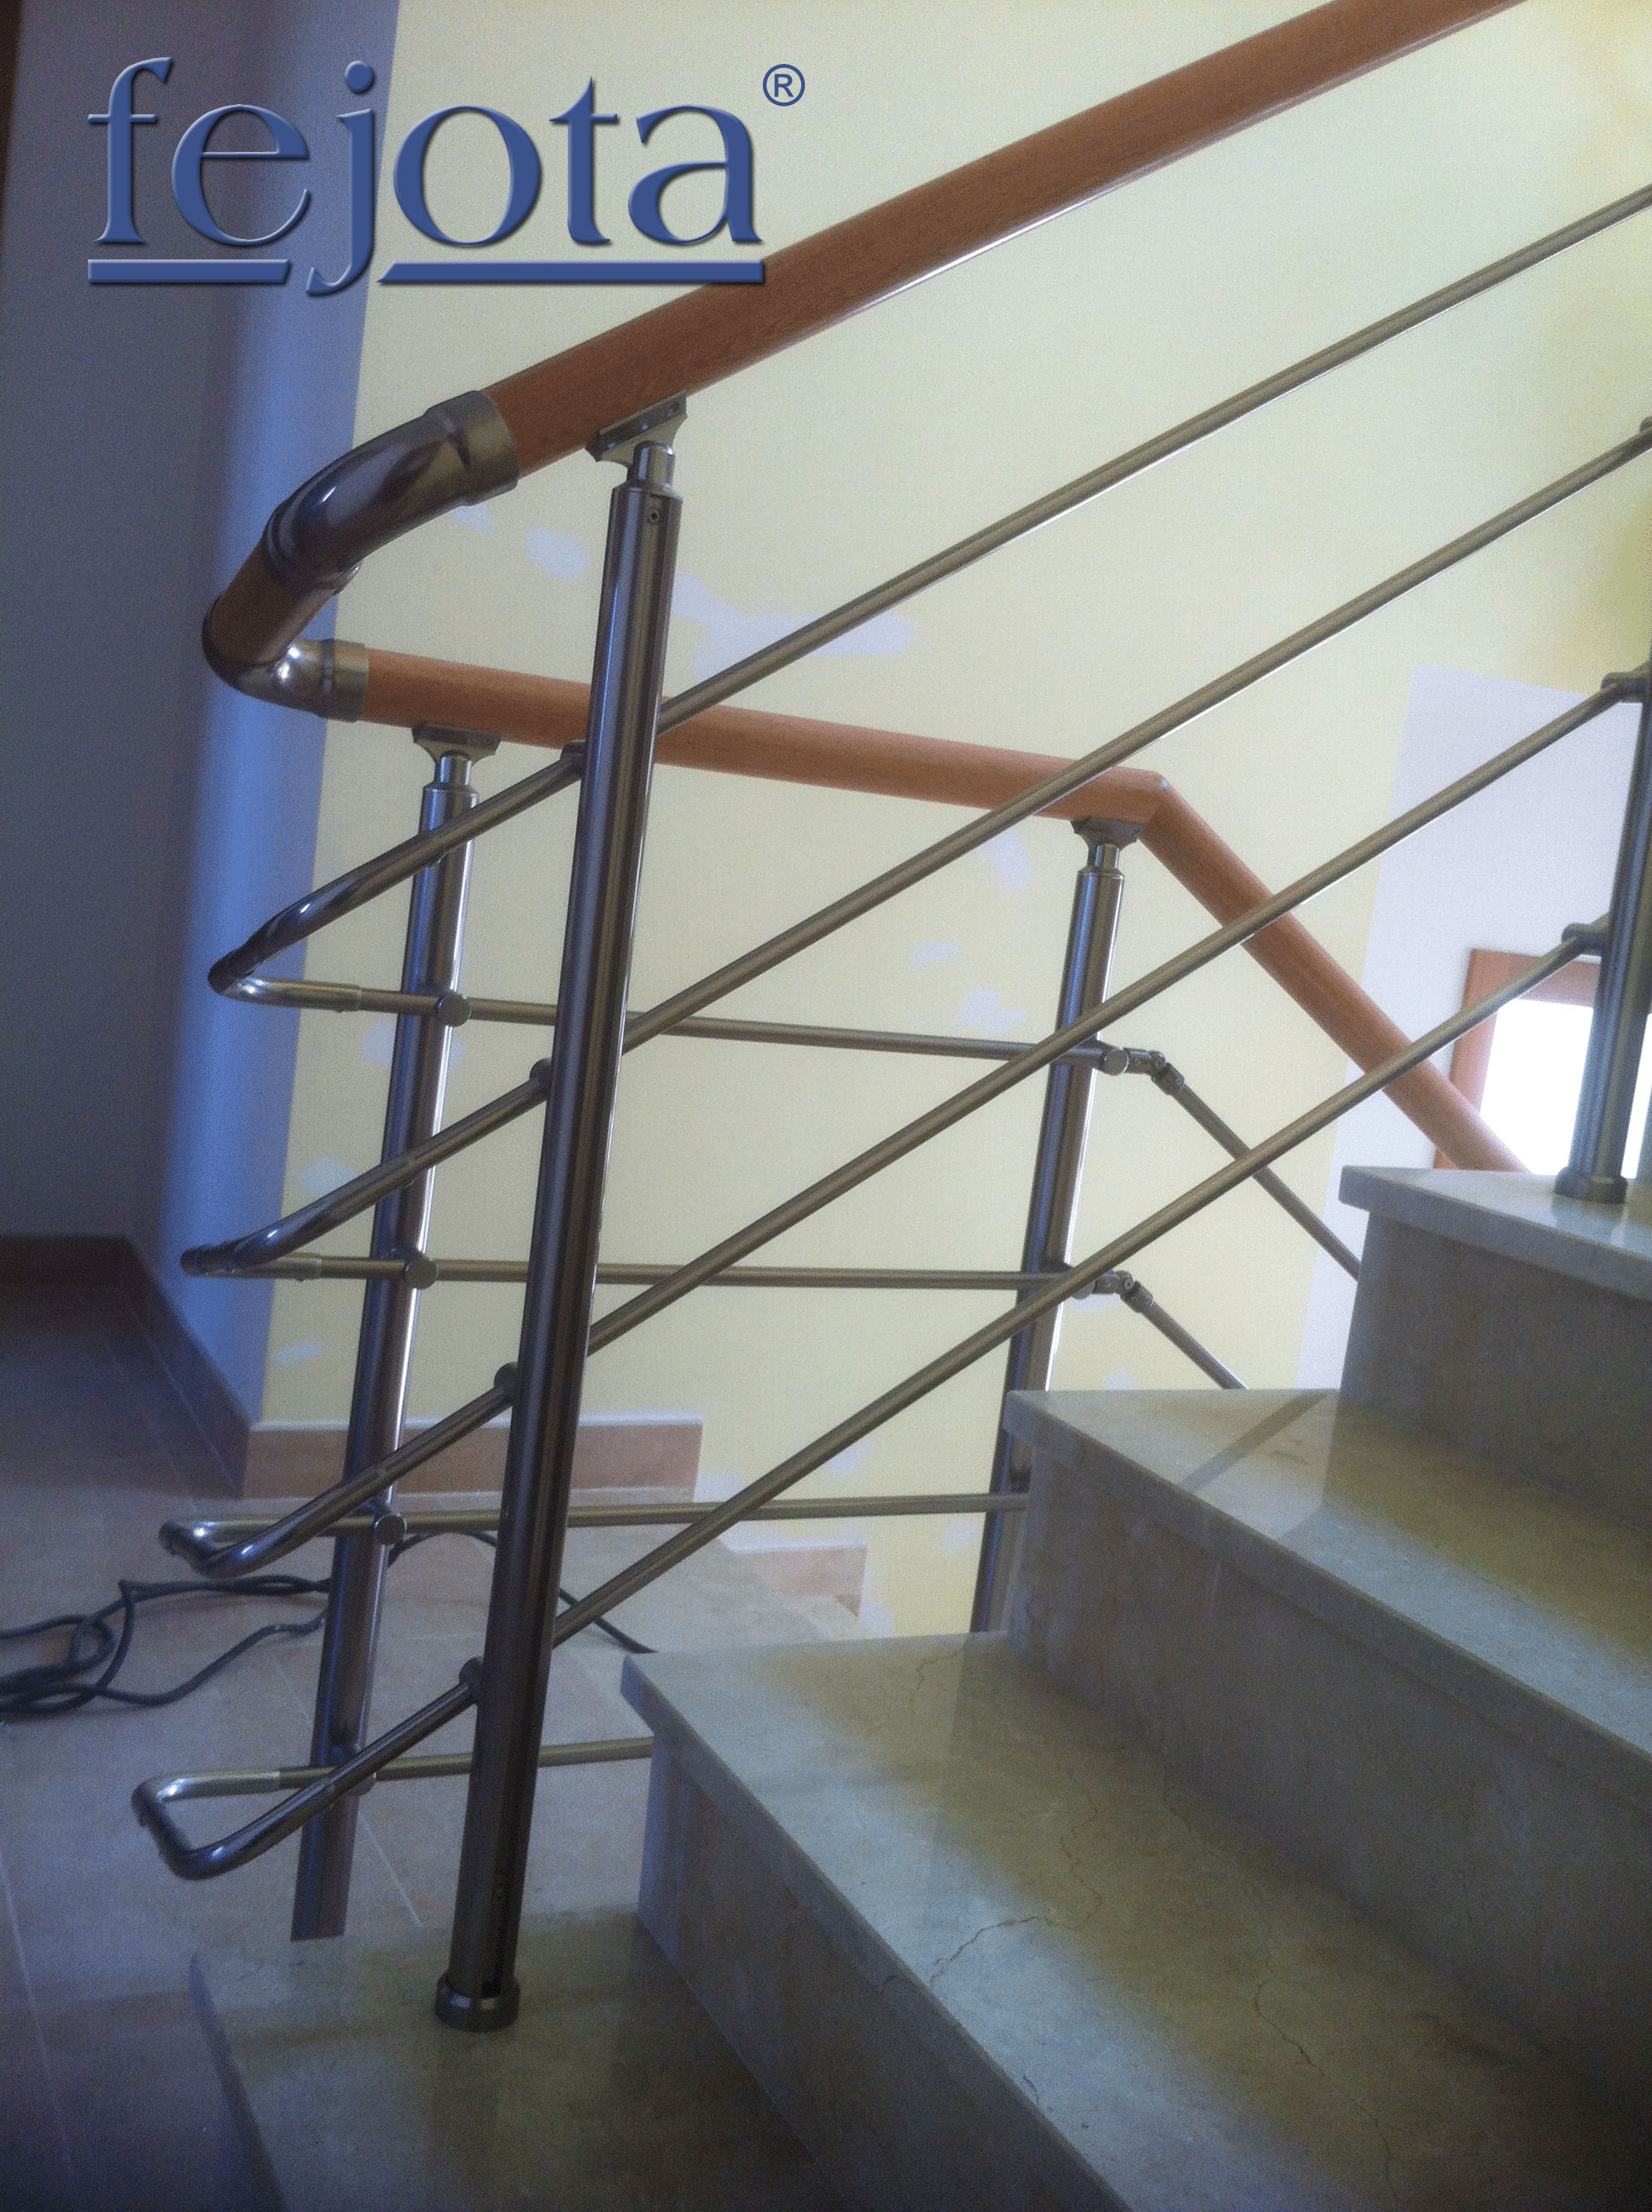 Escaleras inox barandillas de aluminio - Barandilla de escalera ...